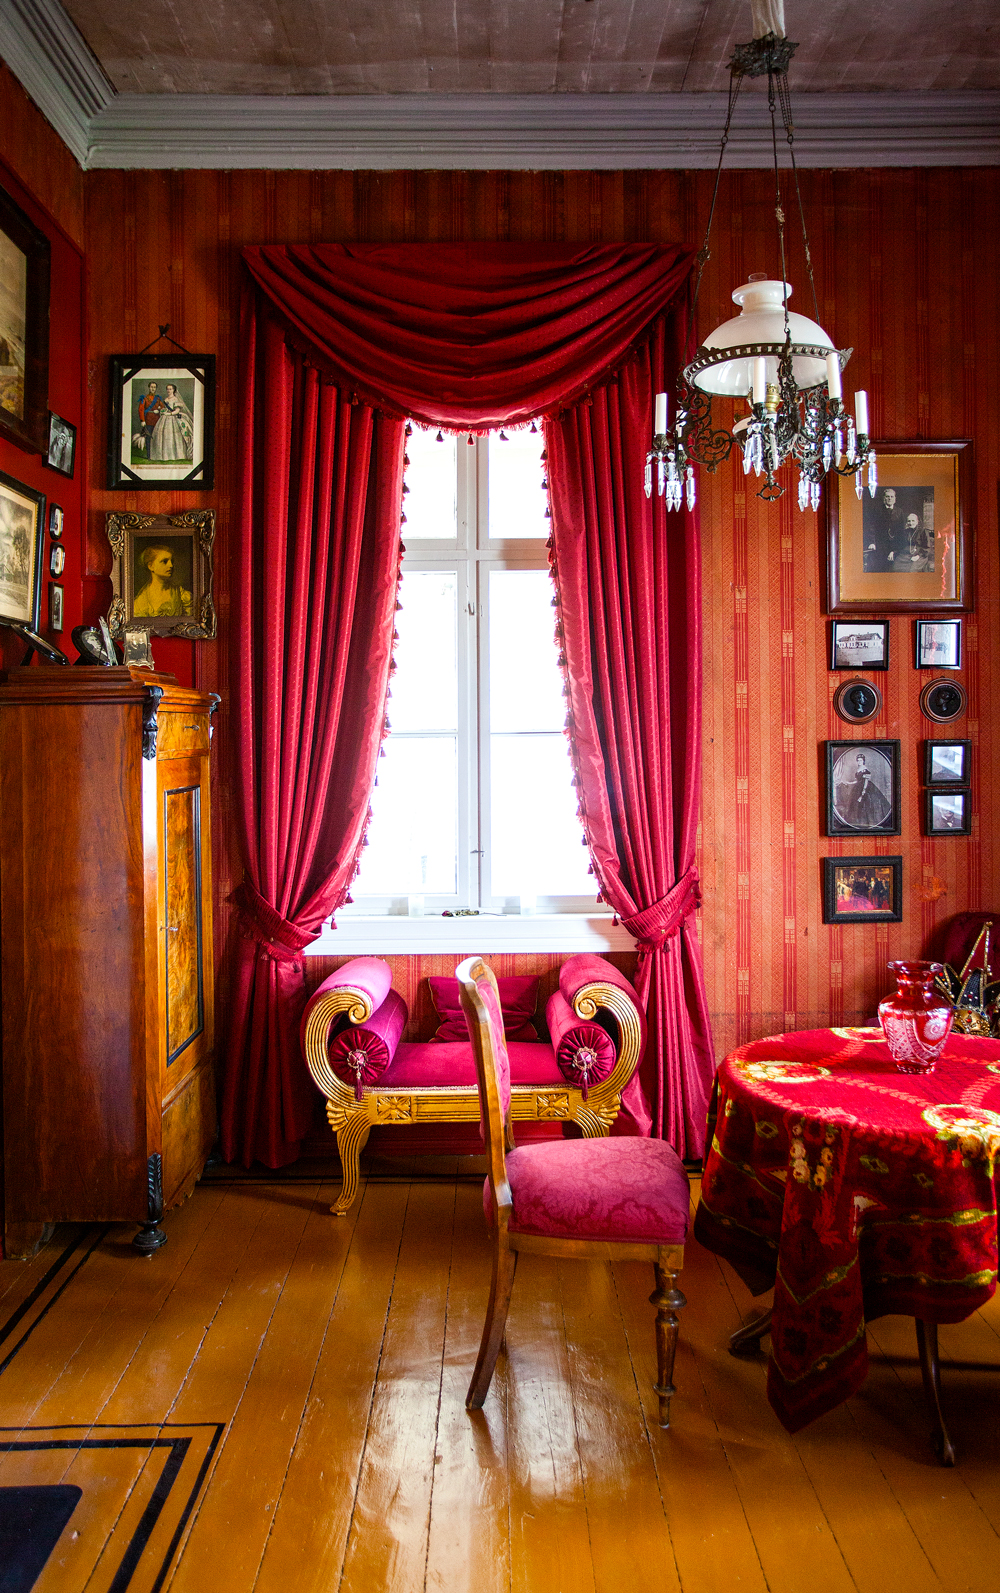 Tapetet fra rundt 1890-1900 var veiledende da rommet ble innredet i tråd med historismens idealer. Tunge gardiner kompletterer rommet.